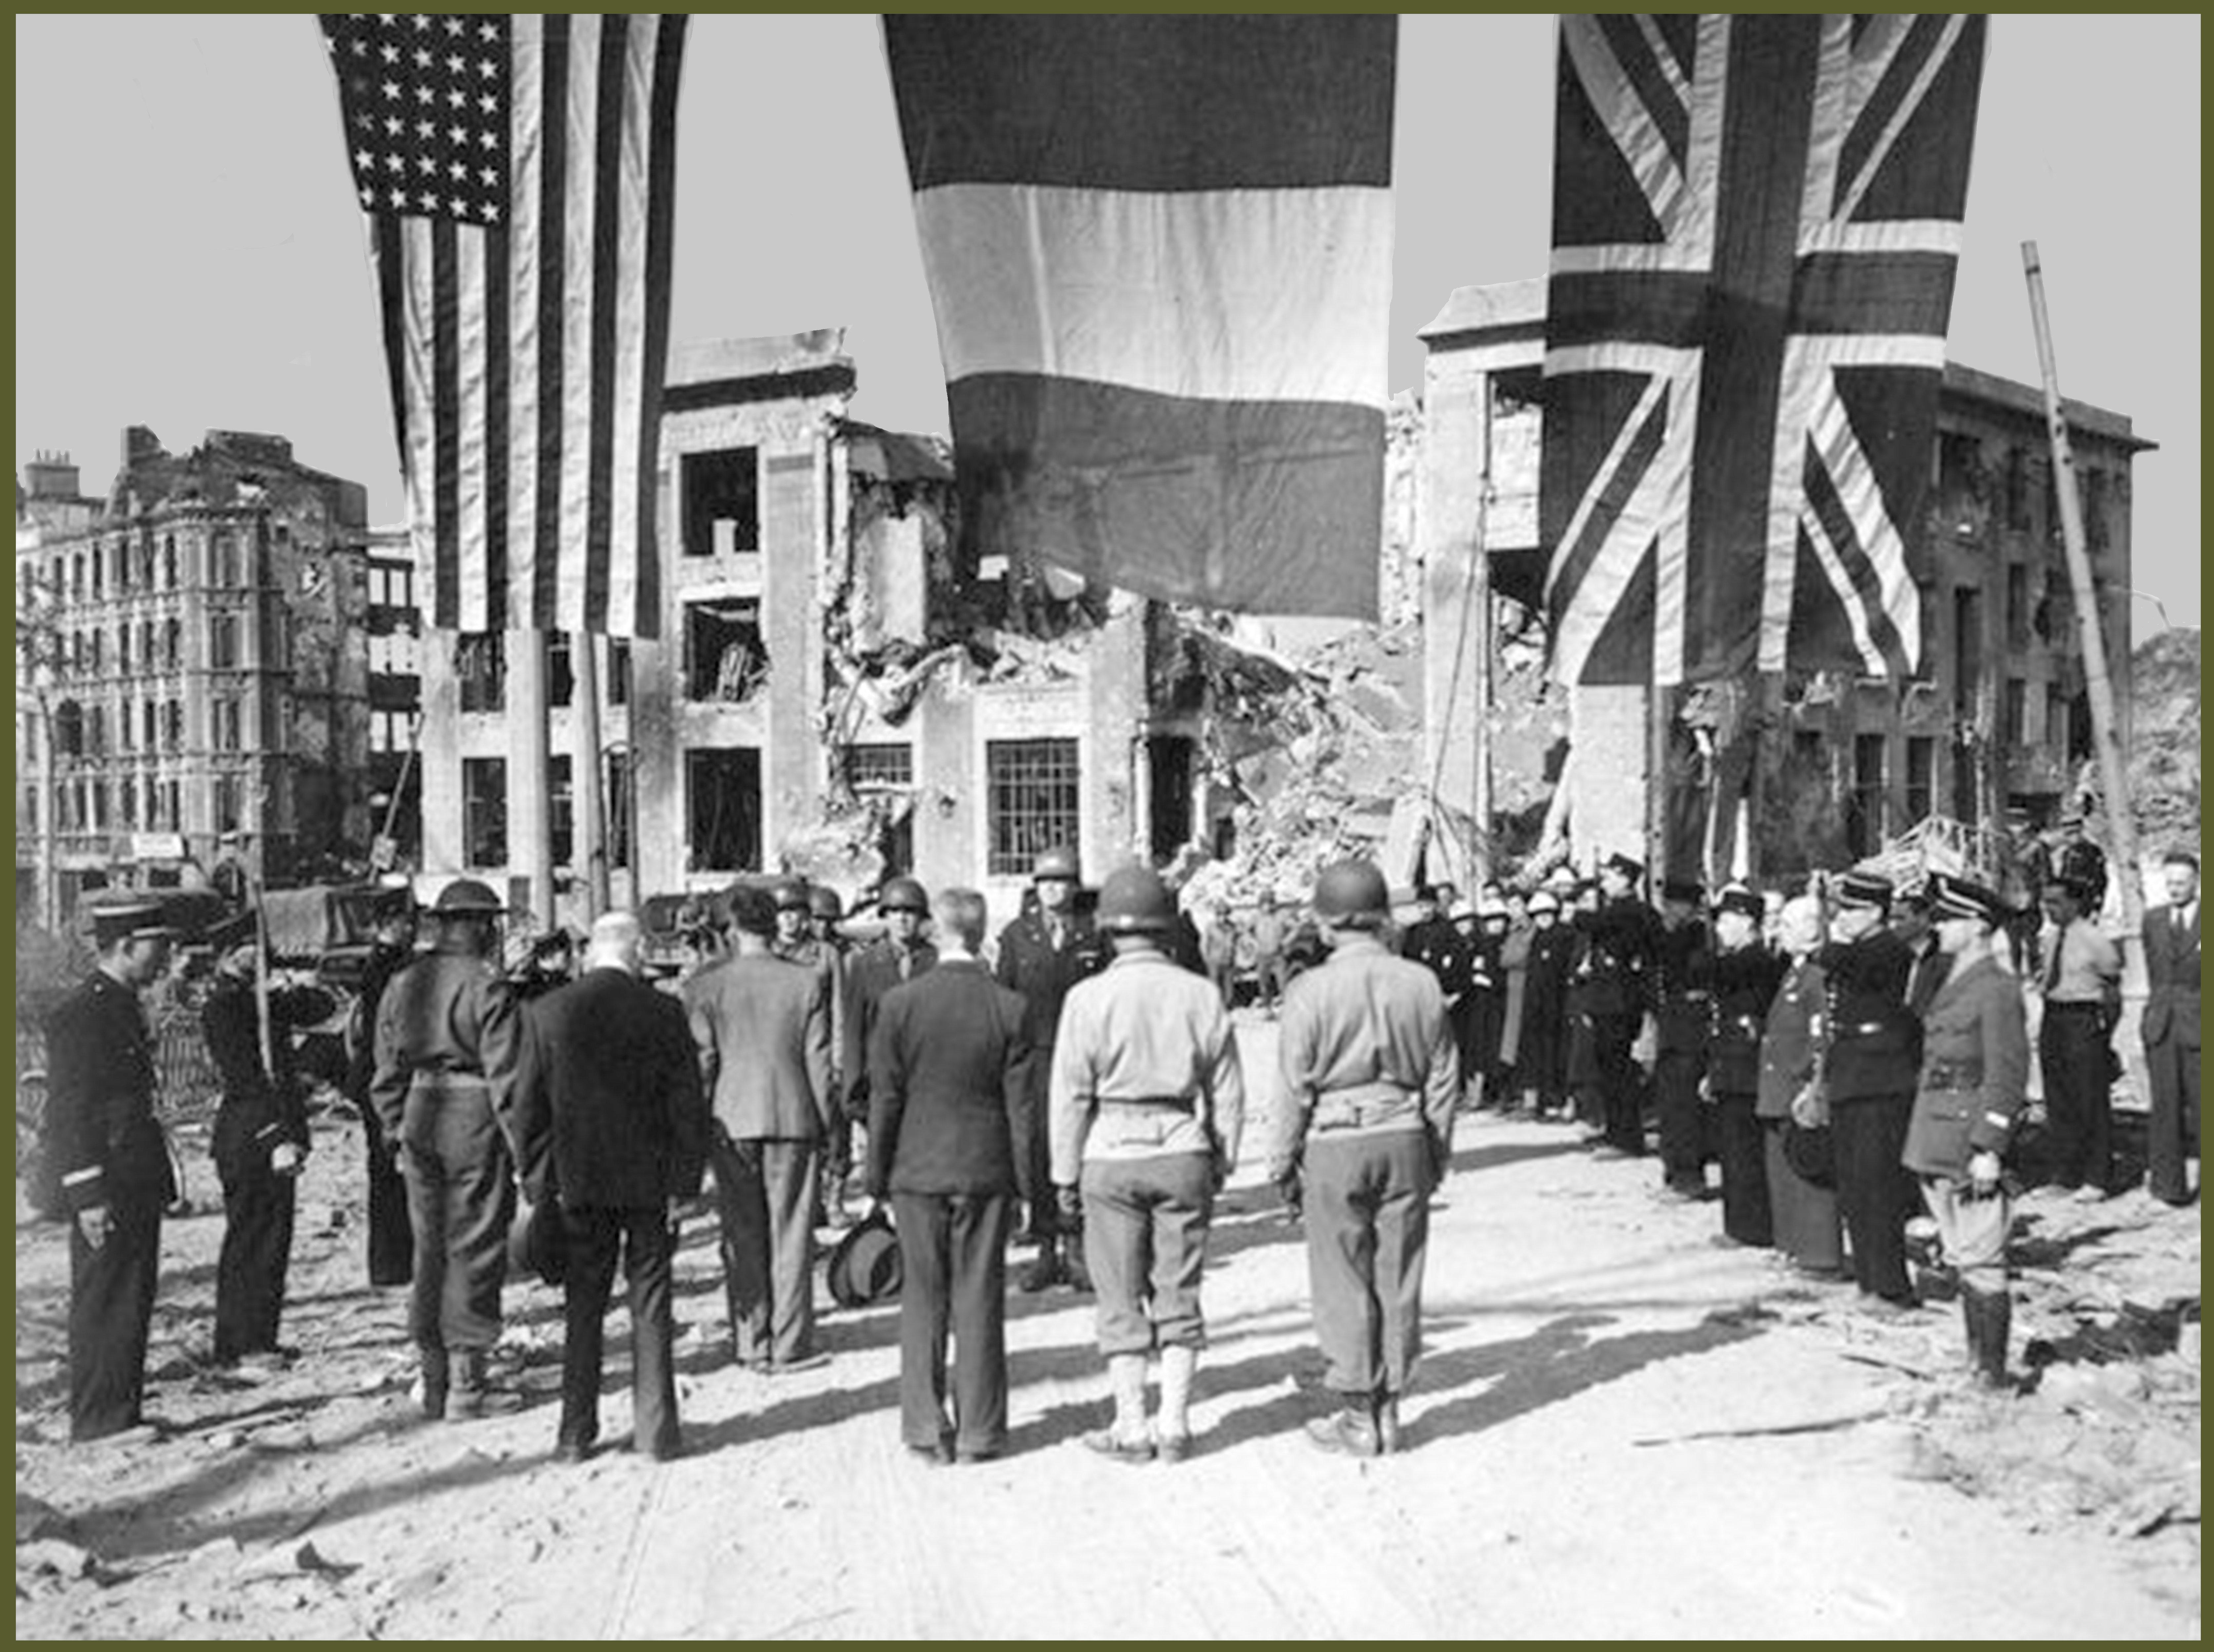 Cérémonie de remise de la ville par le général américain Troy H. Middleton à Jules Lullien, le maire, en présence des autorités communales françaises le 20 septembre 1944